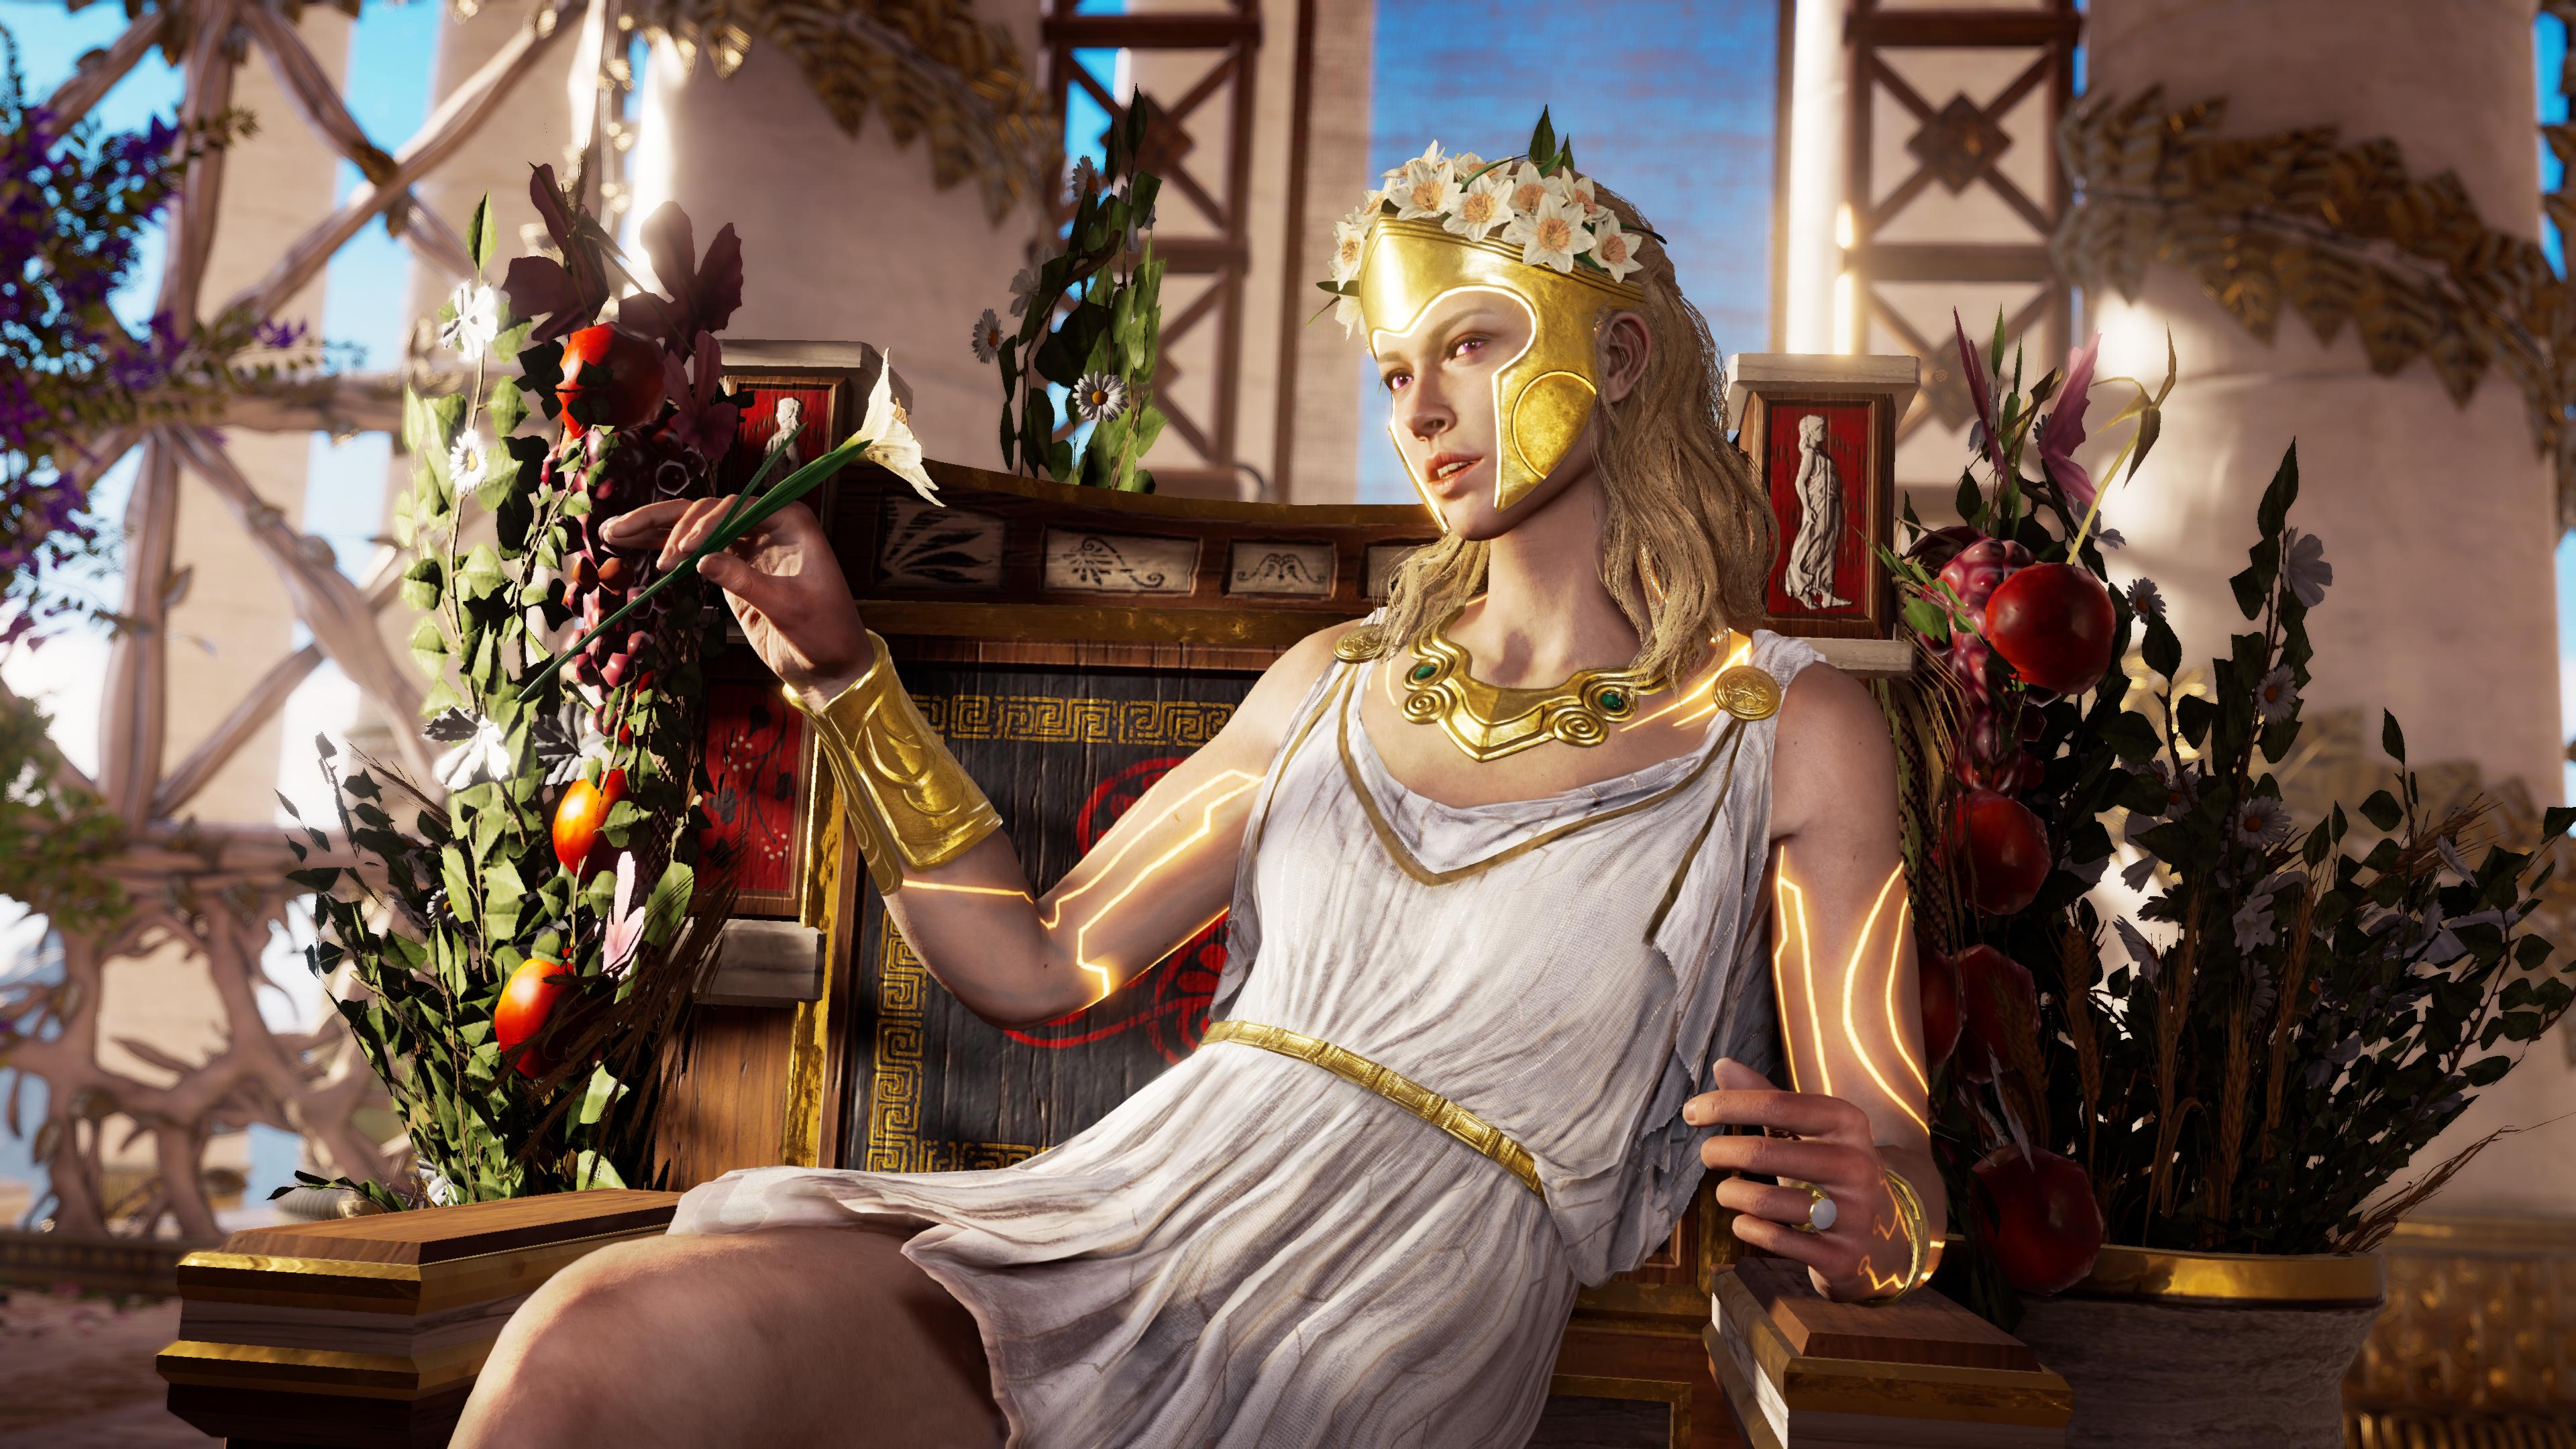 Le joueur devra choisir son camp alors qu'une guerre civile menace de déchirer l'Élysée